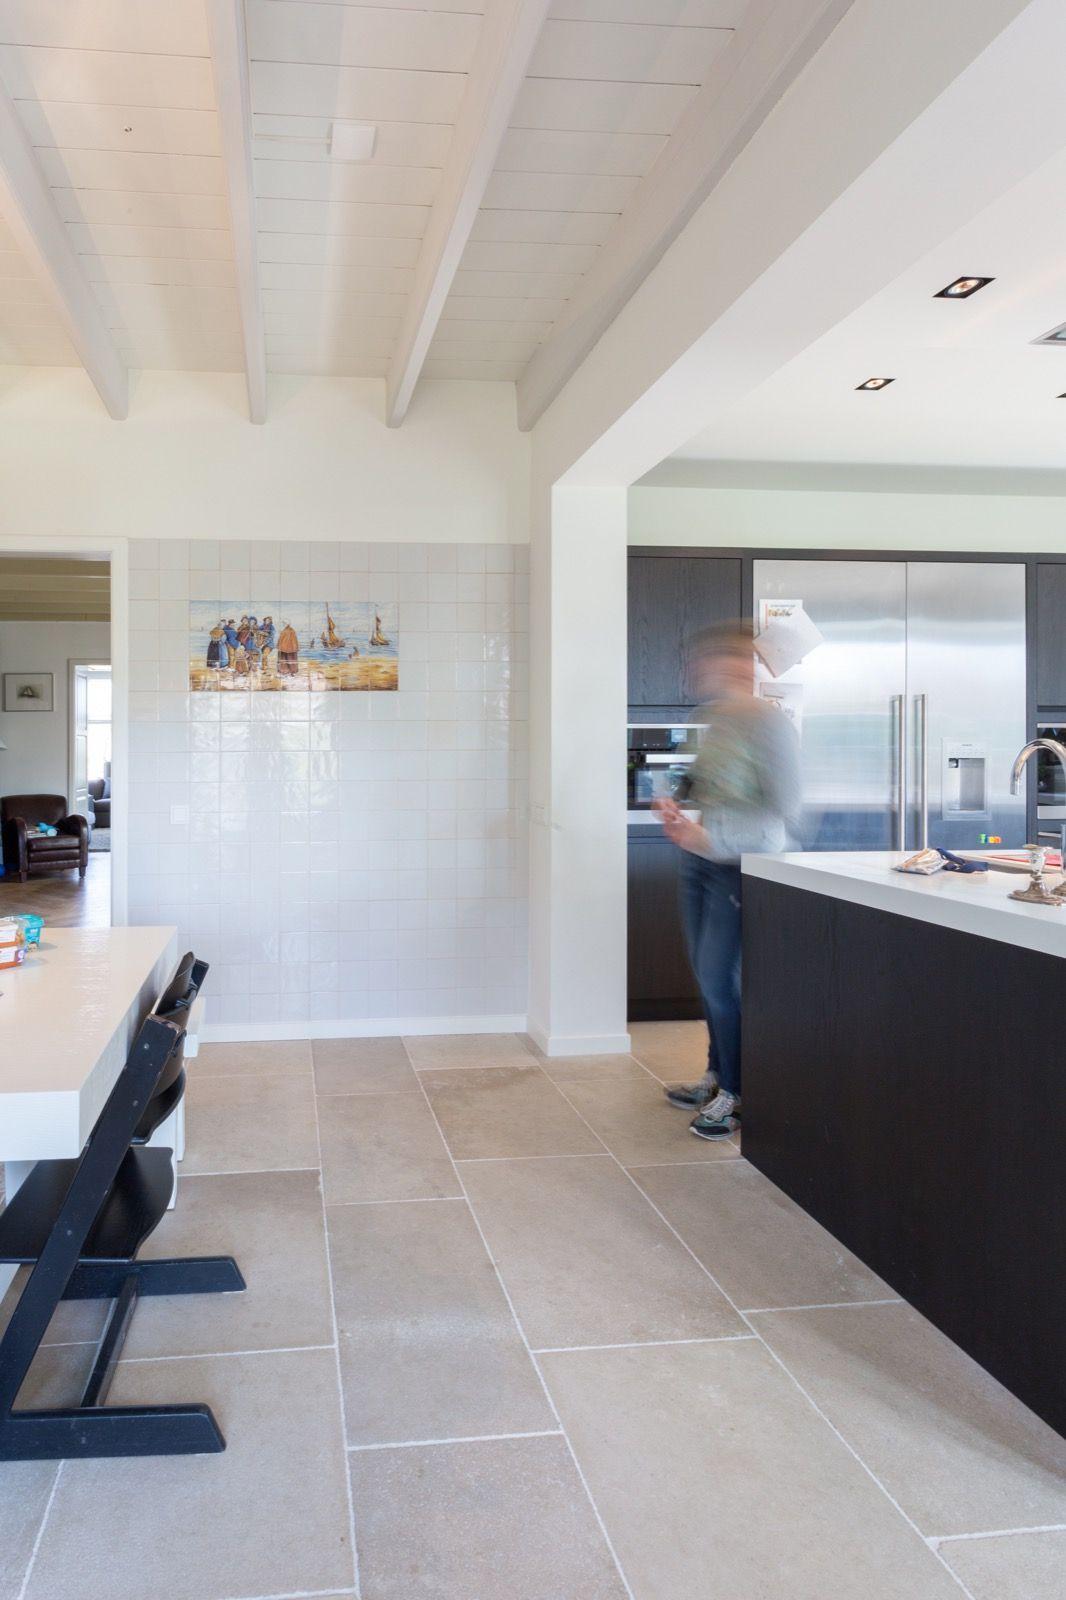 keuken tegels natuursteen : Kersbergen Natuursteen Vloeren Bourgondische Dal Natuursteen